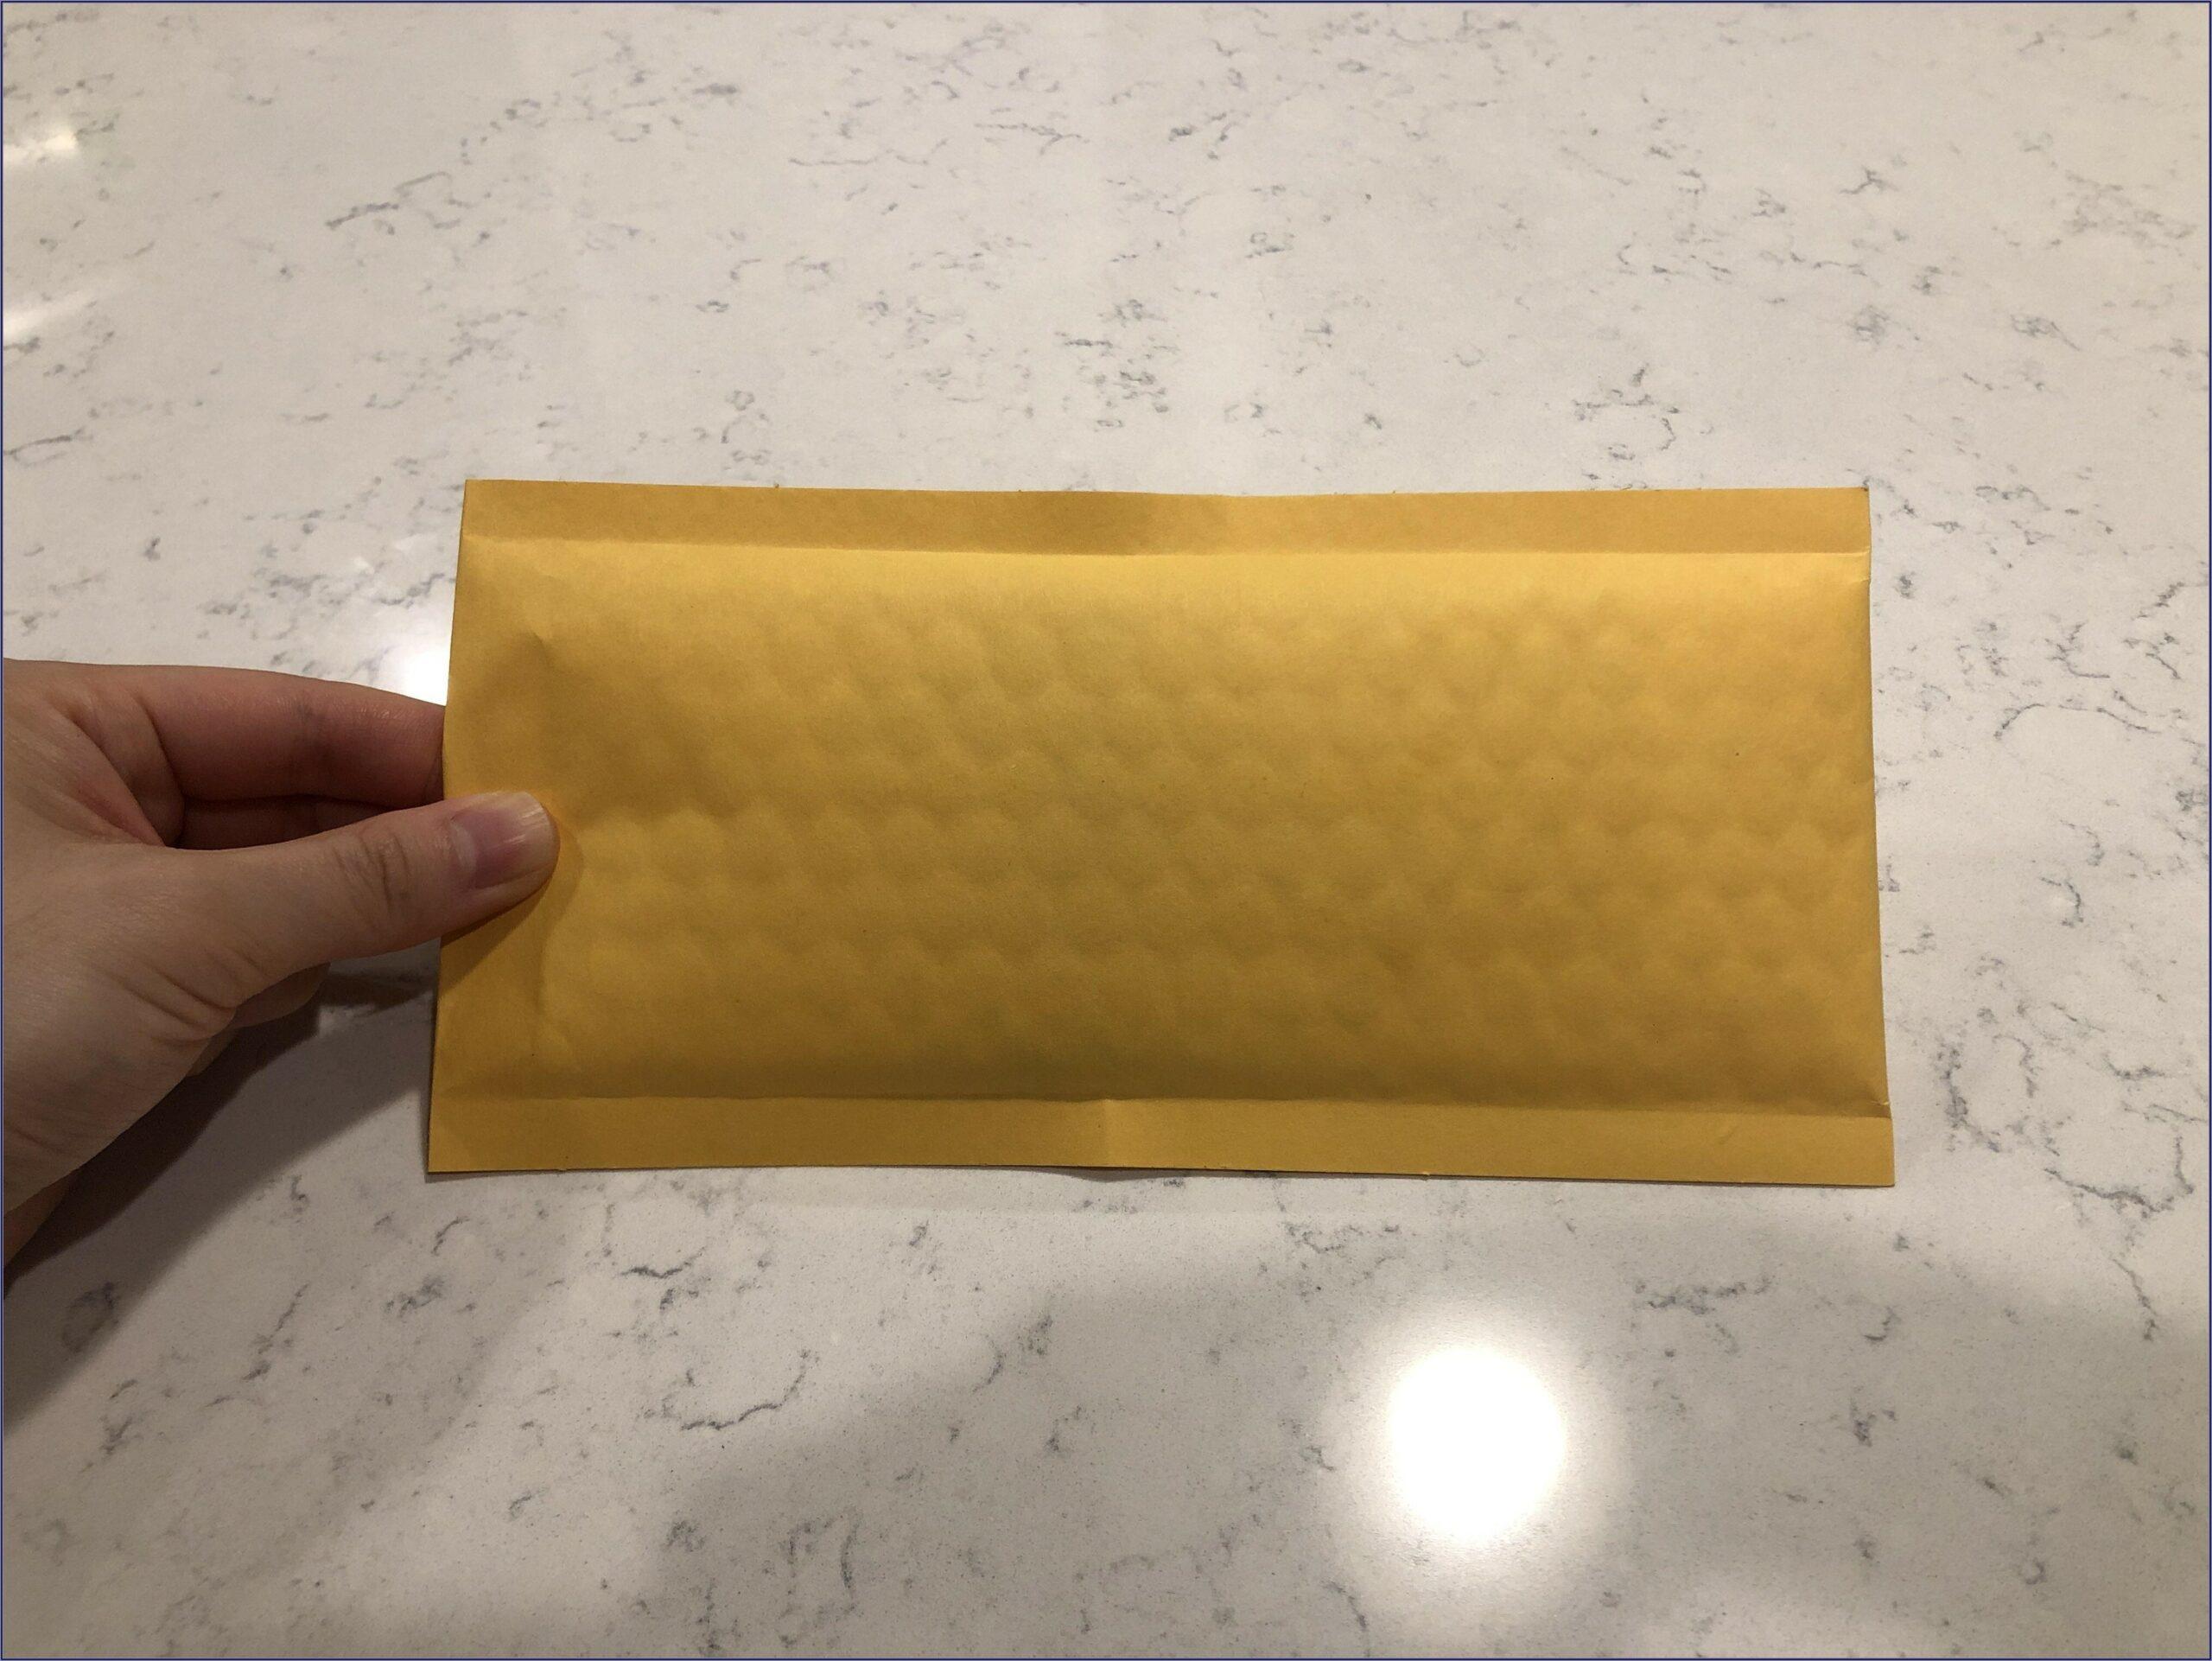 Postage For 6x9 Envelope Usps